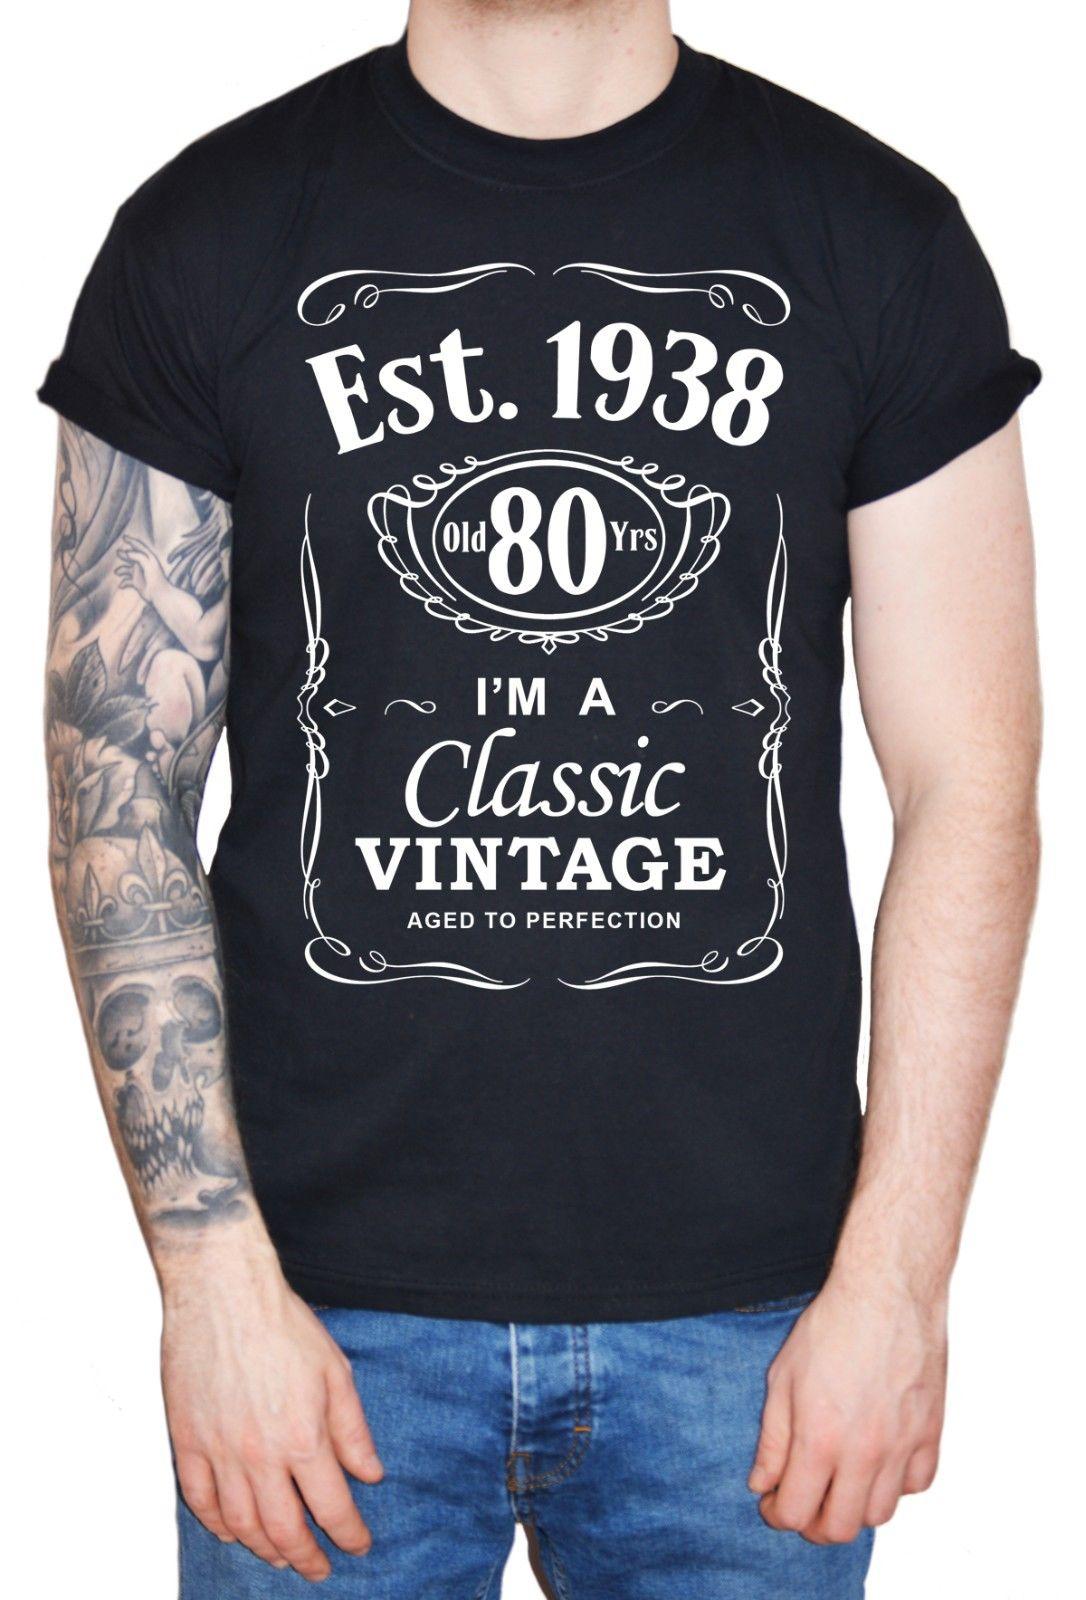 2019 Cool Tee Shirt Männer der 80th Geburtstag T-Shirt 1938 Vintage Mann Achtzigsten 80 jahre Geschenk Sommer T-shirt